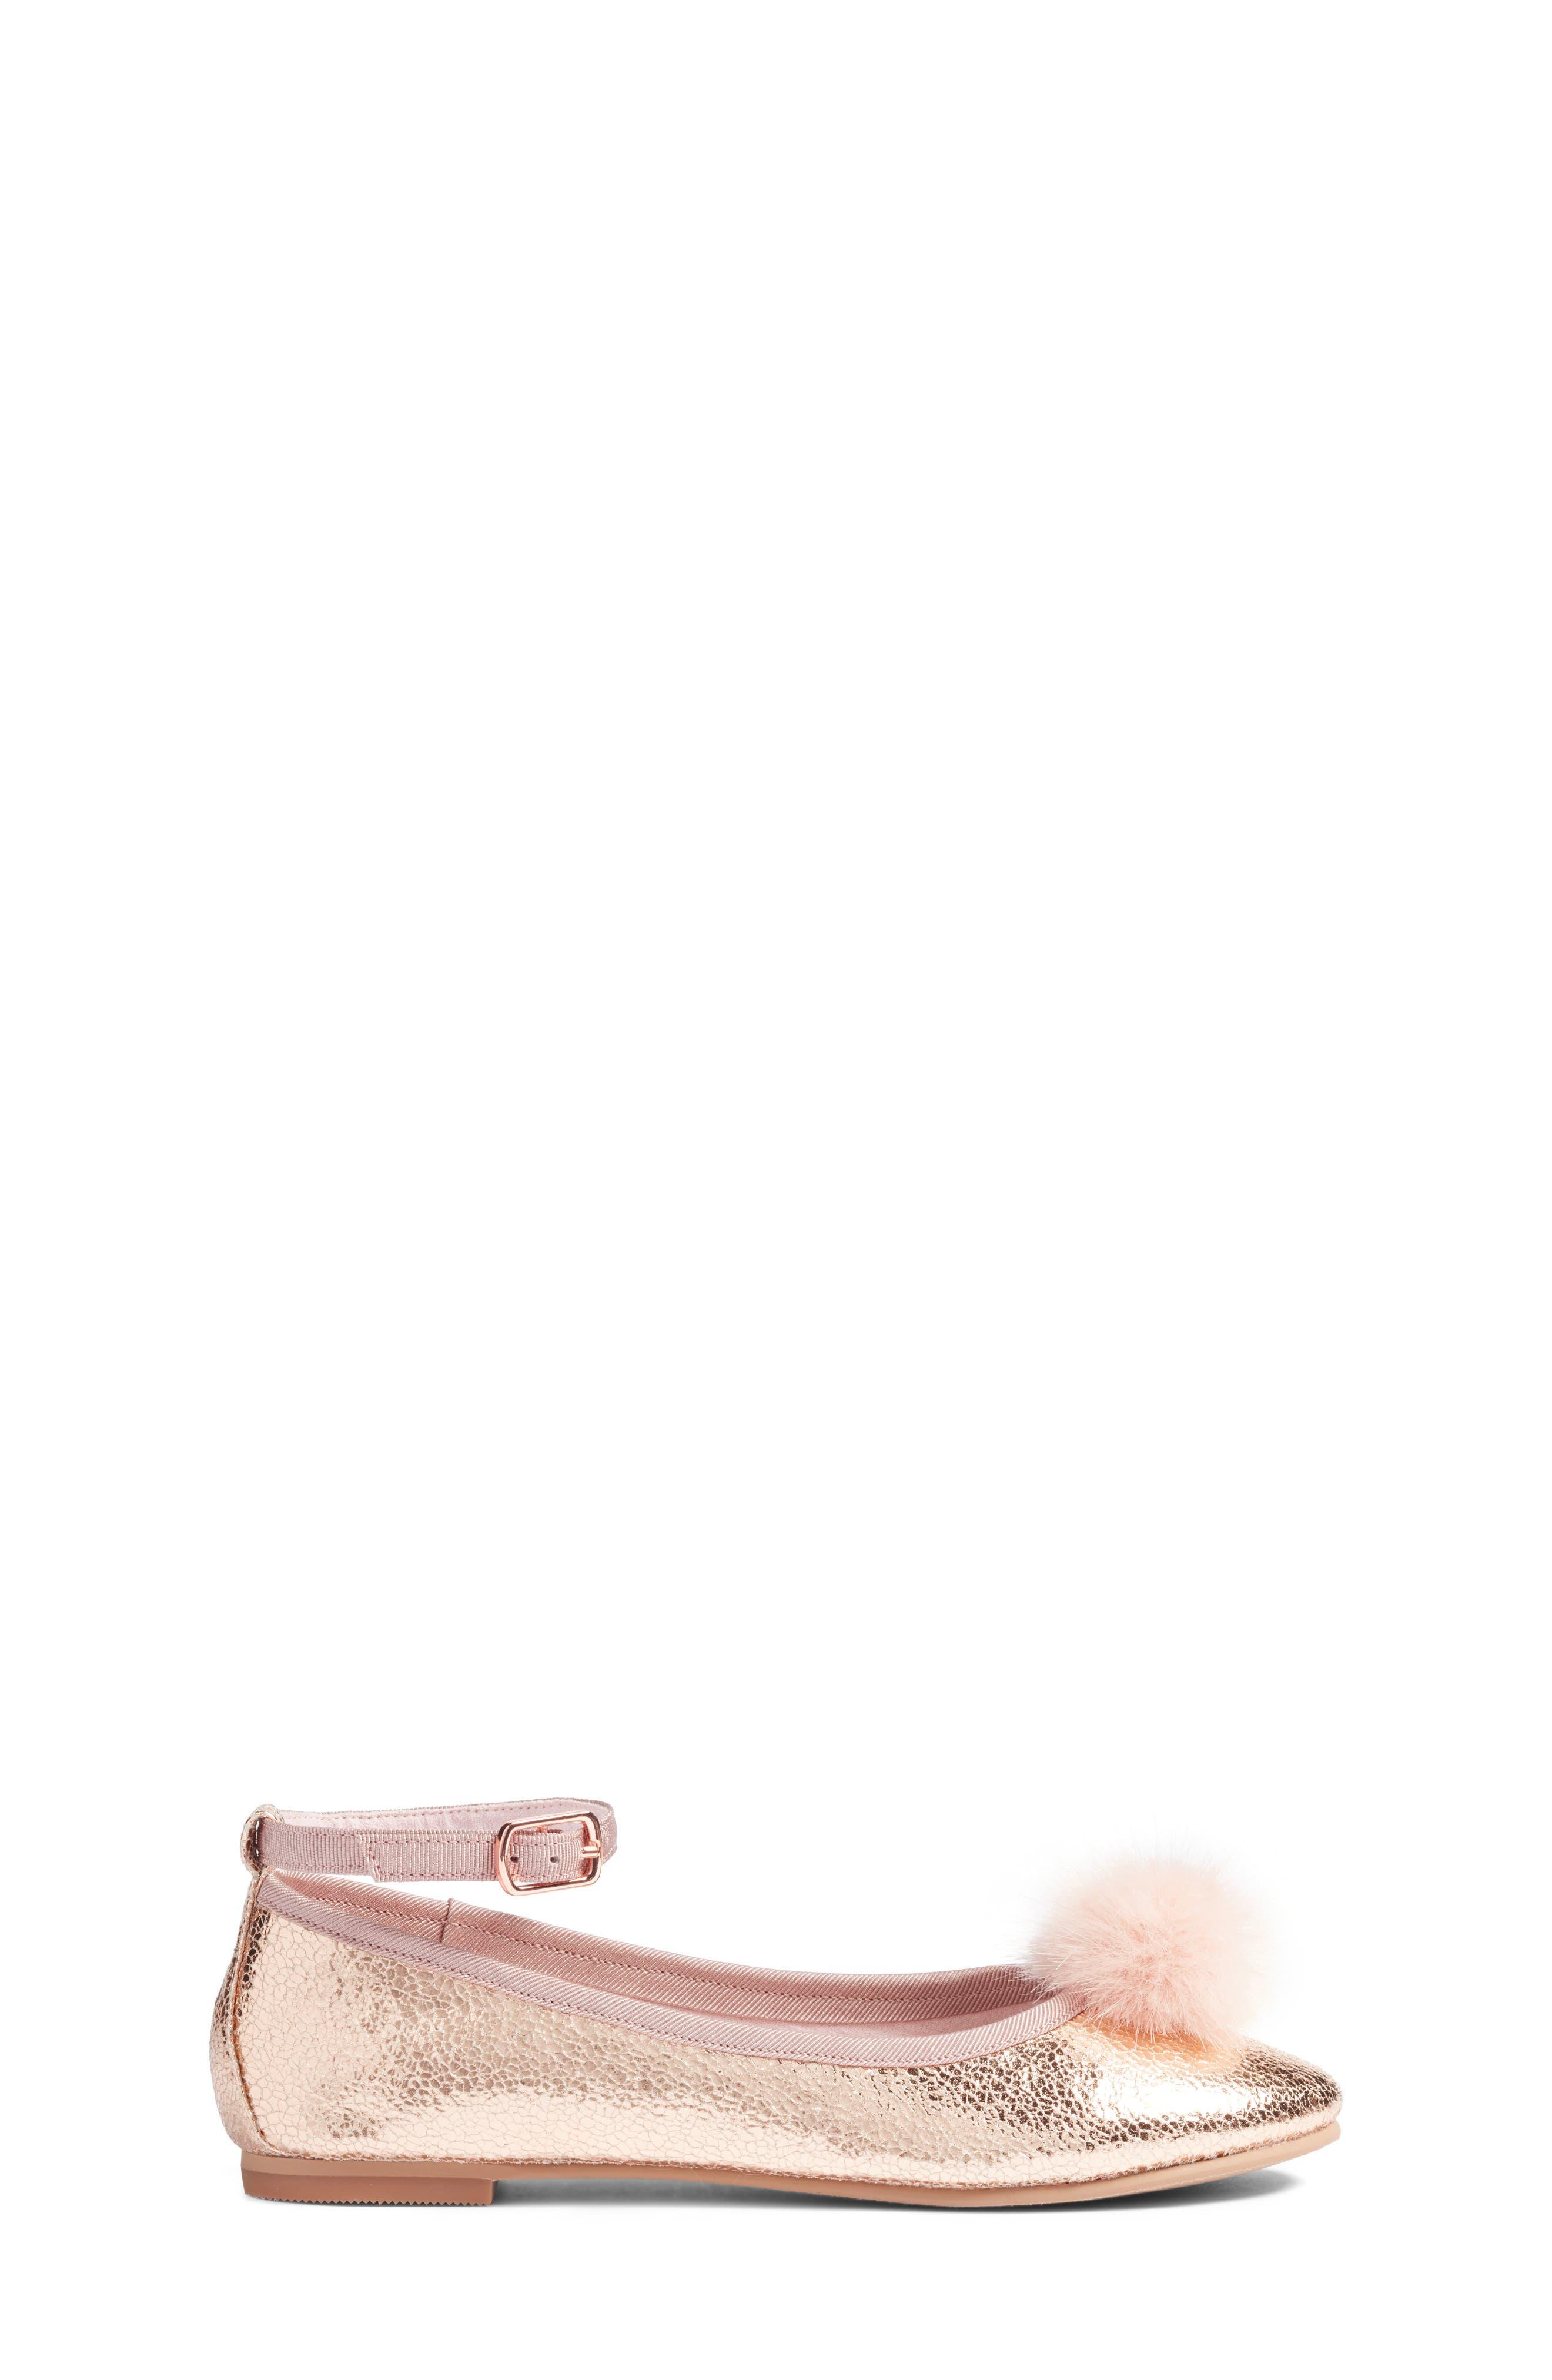 Kilie Faux Fur Pom Flat,                             Alternate thumbnail 3, color,                             Rose Gold Faux Leather